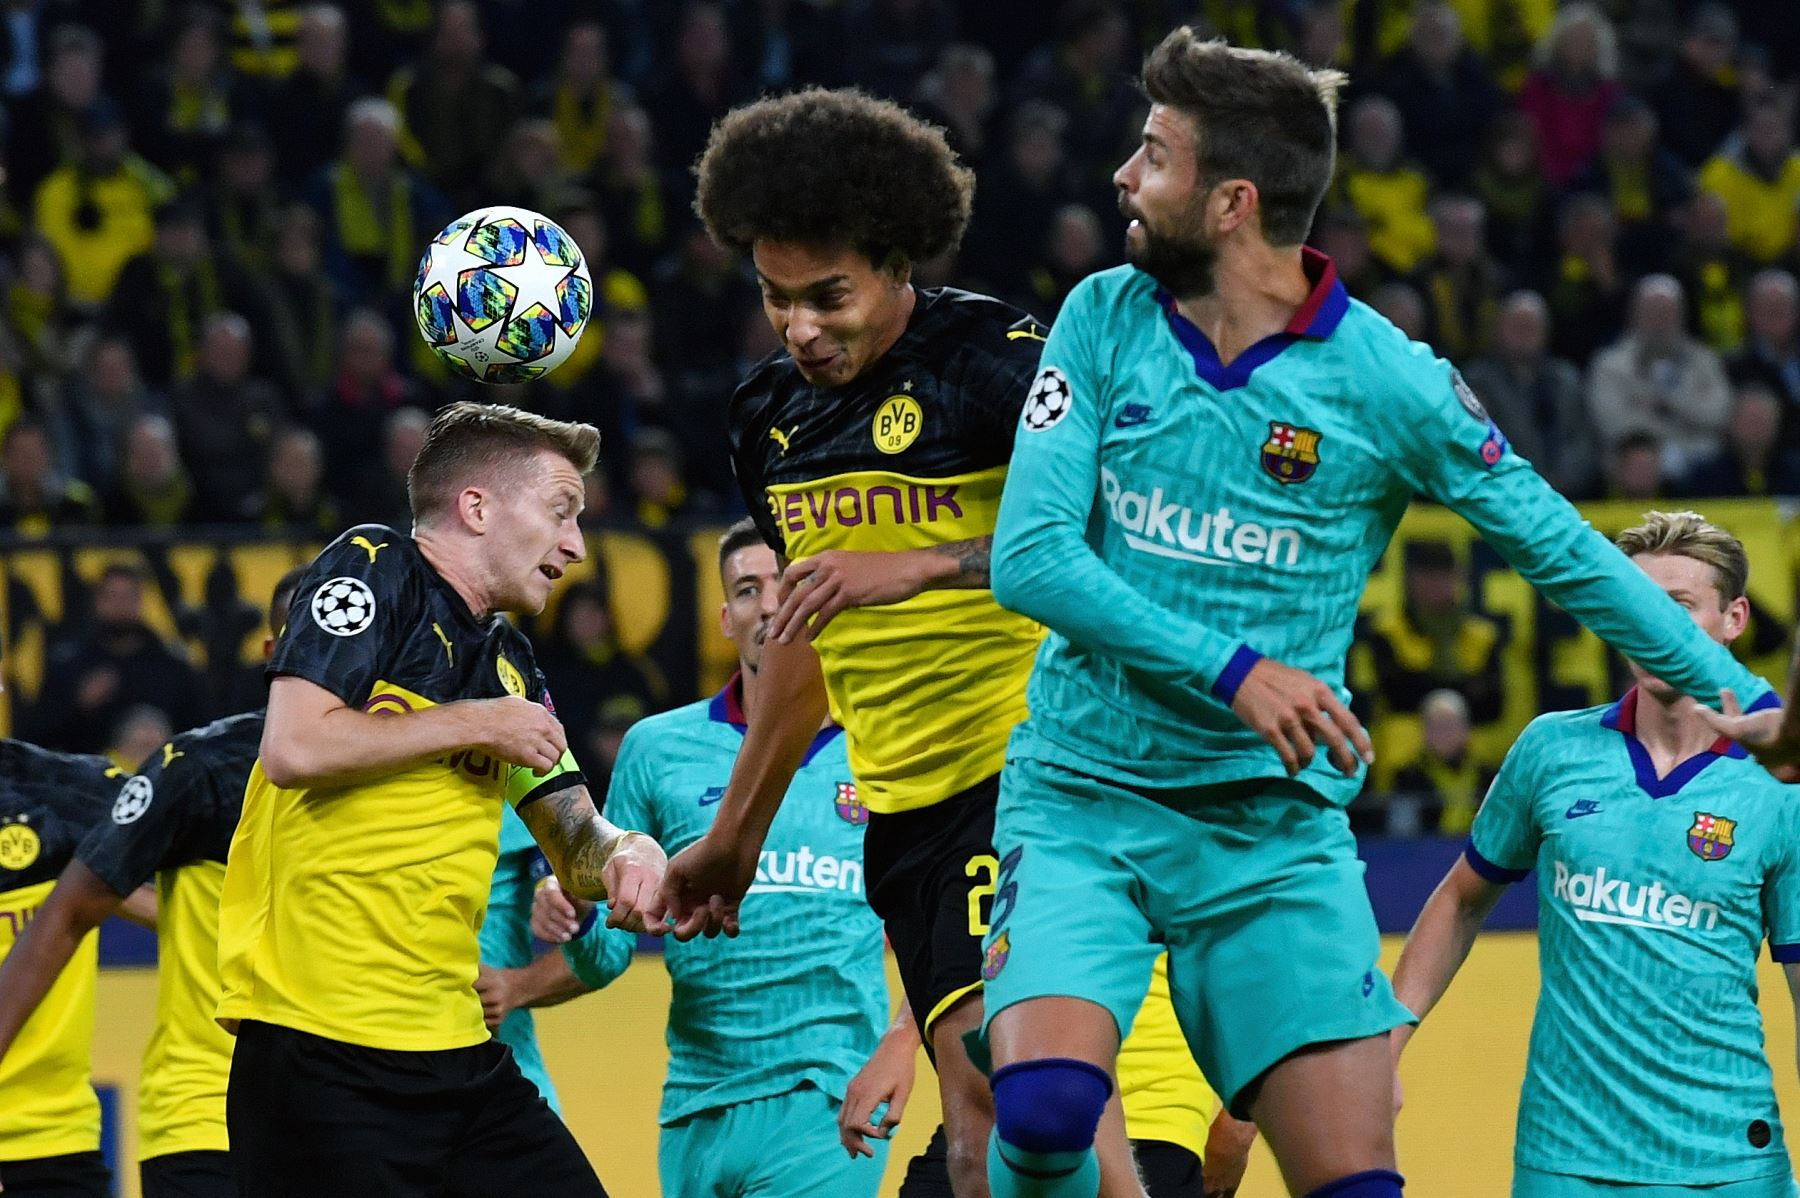 El alero alemán de Dortmund Marco Reus (L) y el mediocampista belga de Axel Witsel compiten por el balón con el defensa del Barcelona Gerard Piqué durante el partido de fútbol del Grupo F de la Liga de Campeones de la UEFA.Foto:AFP